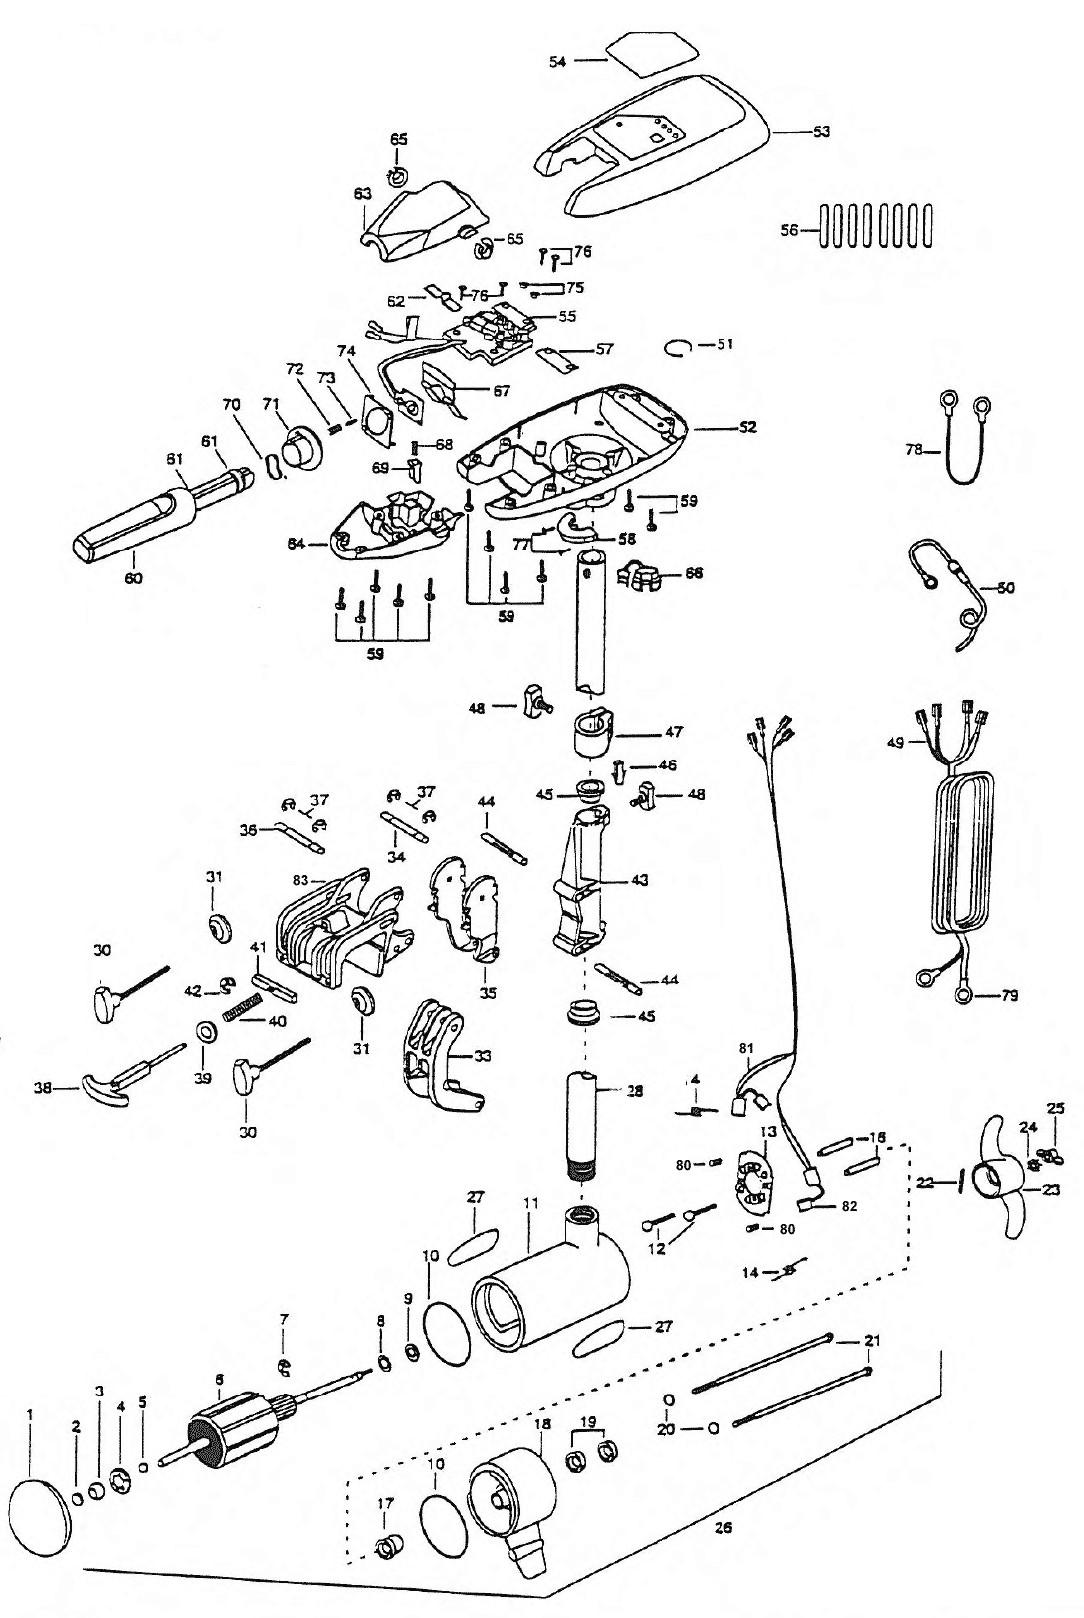 minn kota wiring diagram manual new minn kota riptide 70s parts 1998 from fish307 of minn kota wiring diagram manual?resize\\d820%2C1224 minn kota maxxum 65 wiring diagram somurich com